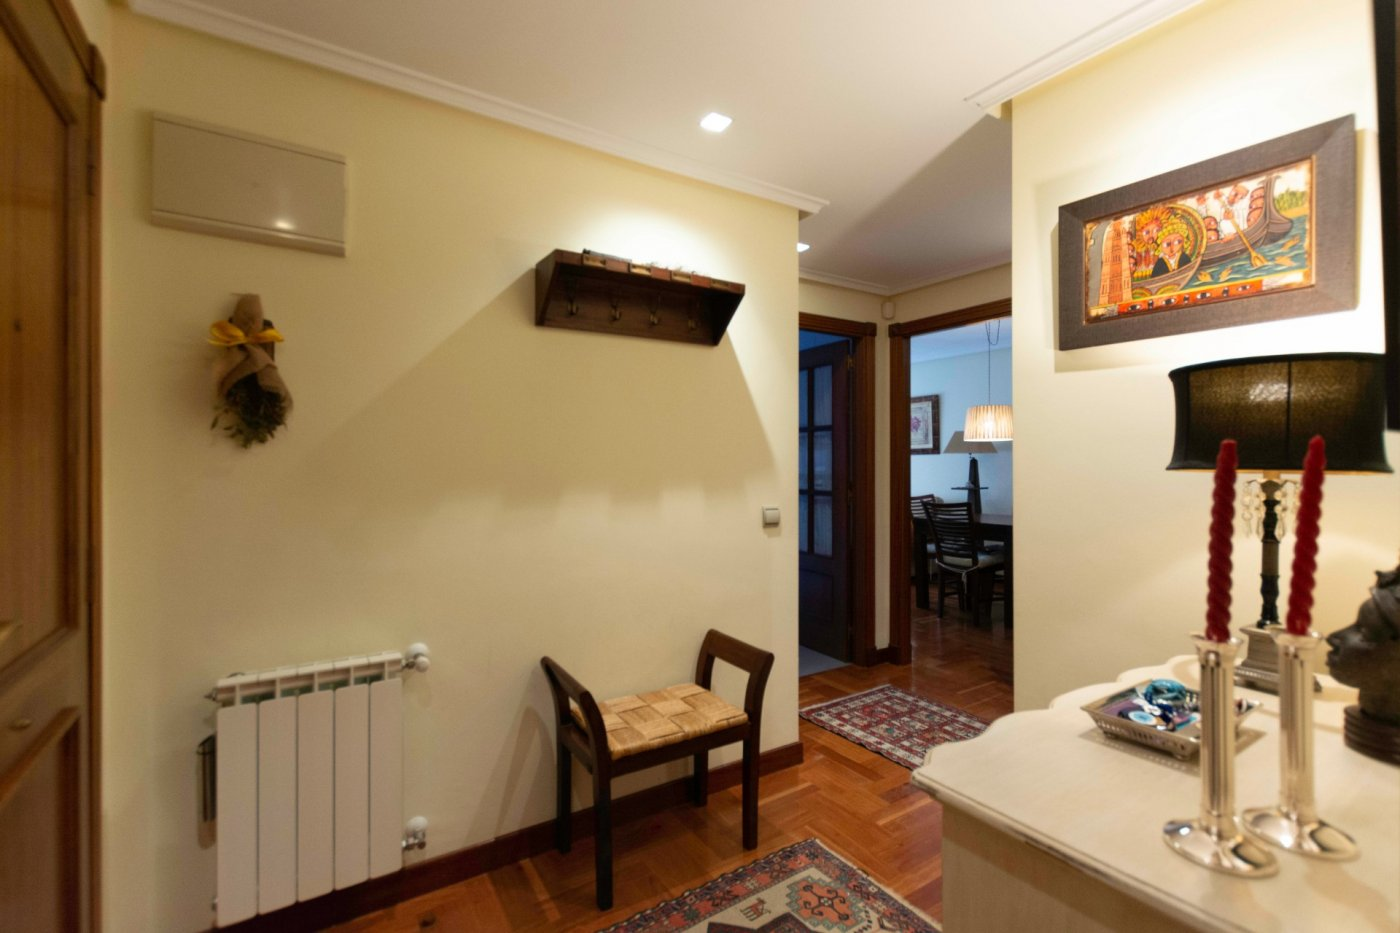 Piso seminuevo de tres habitaciones con garaje y trastero en el centro de oviedo. - imagenInmueble19